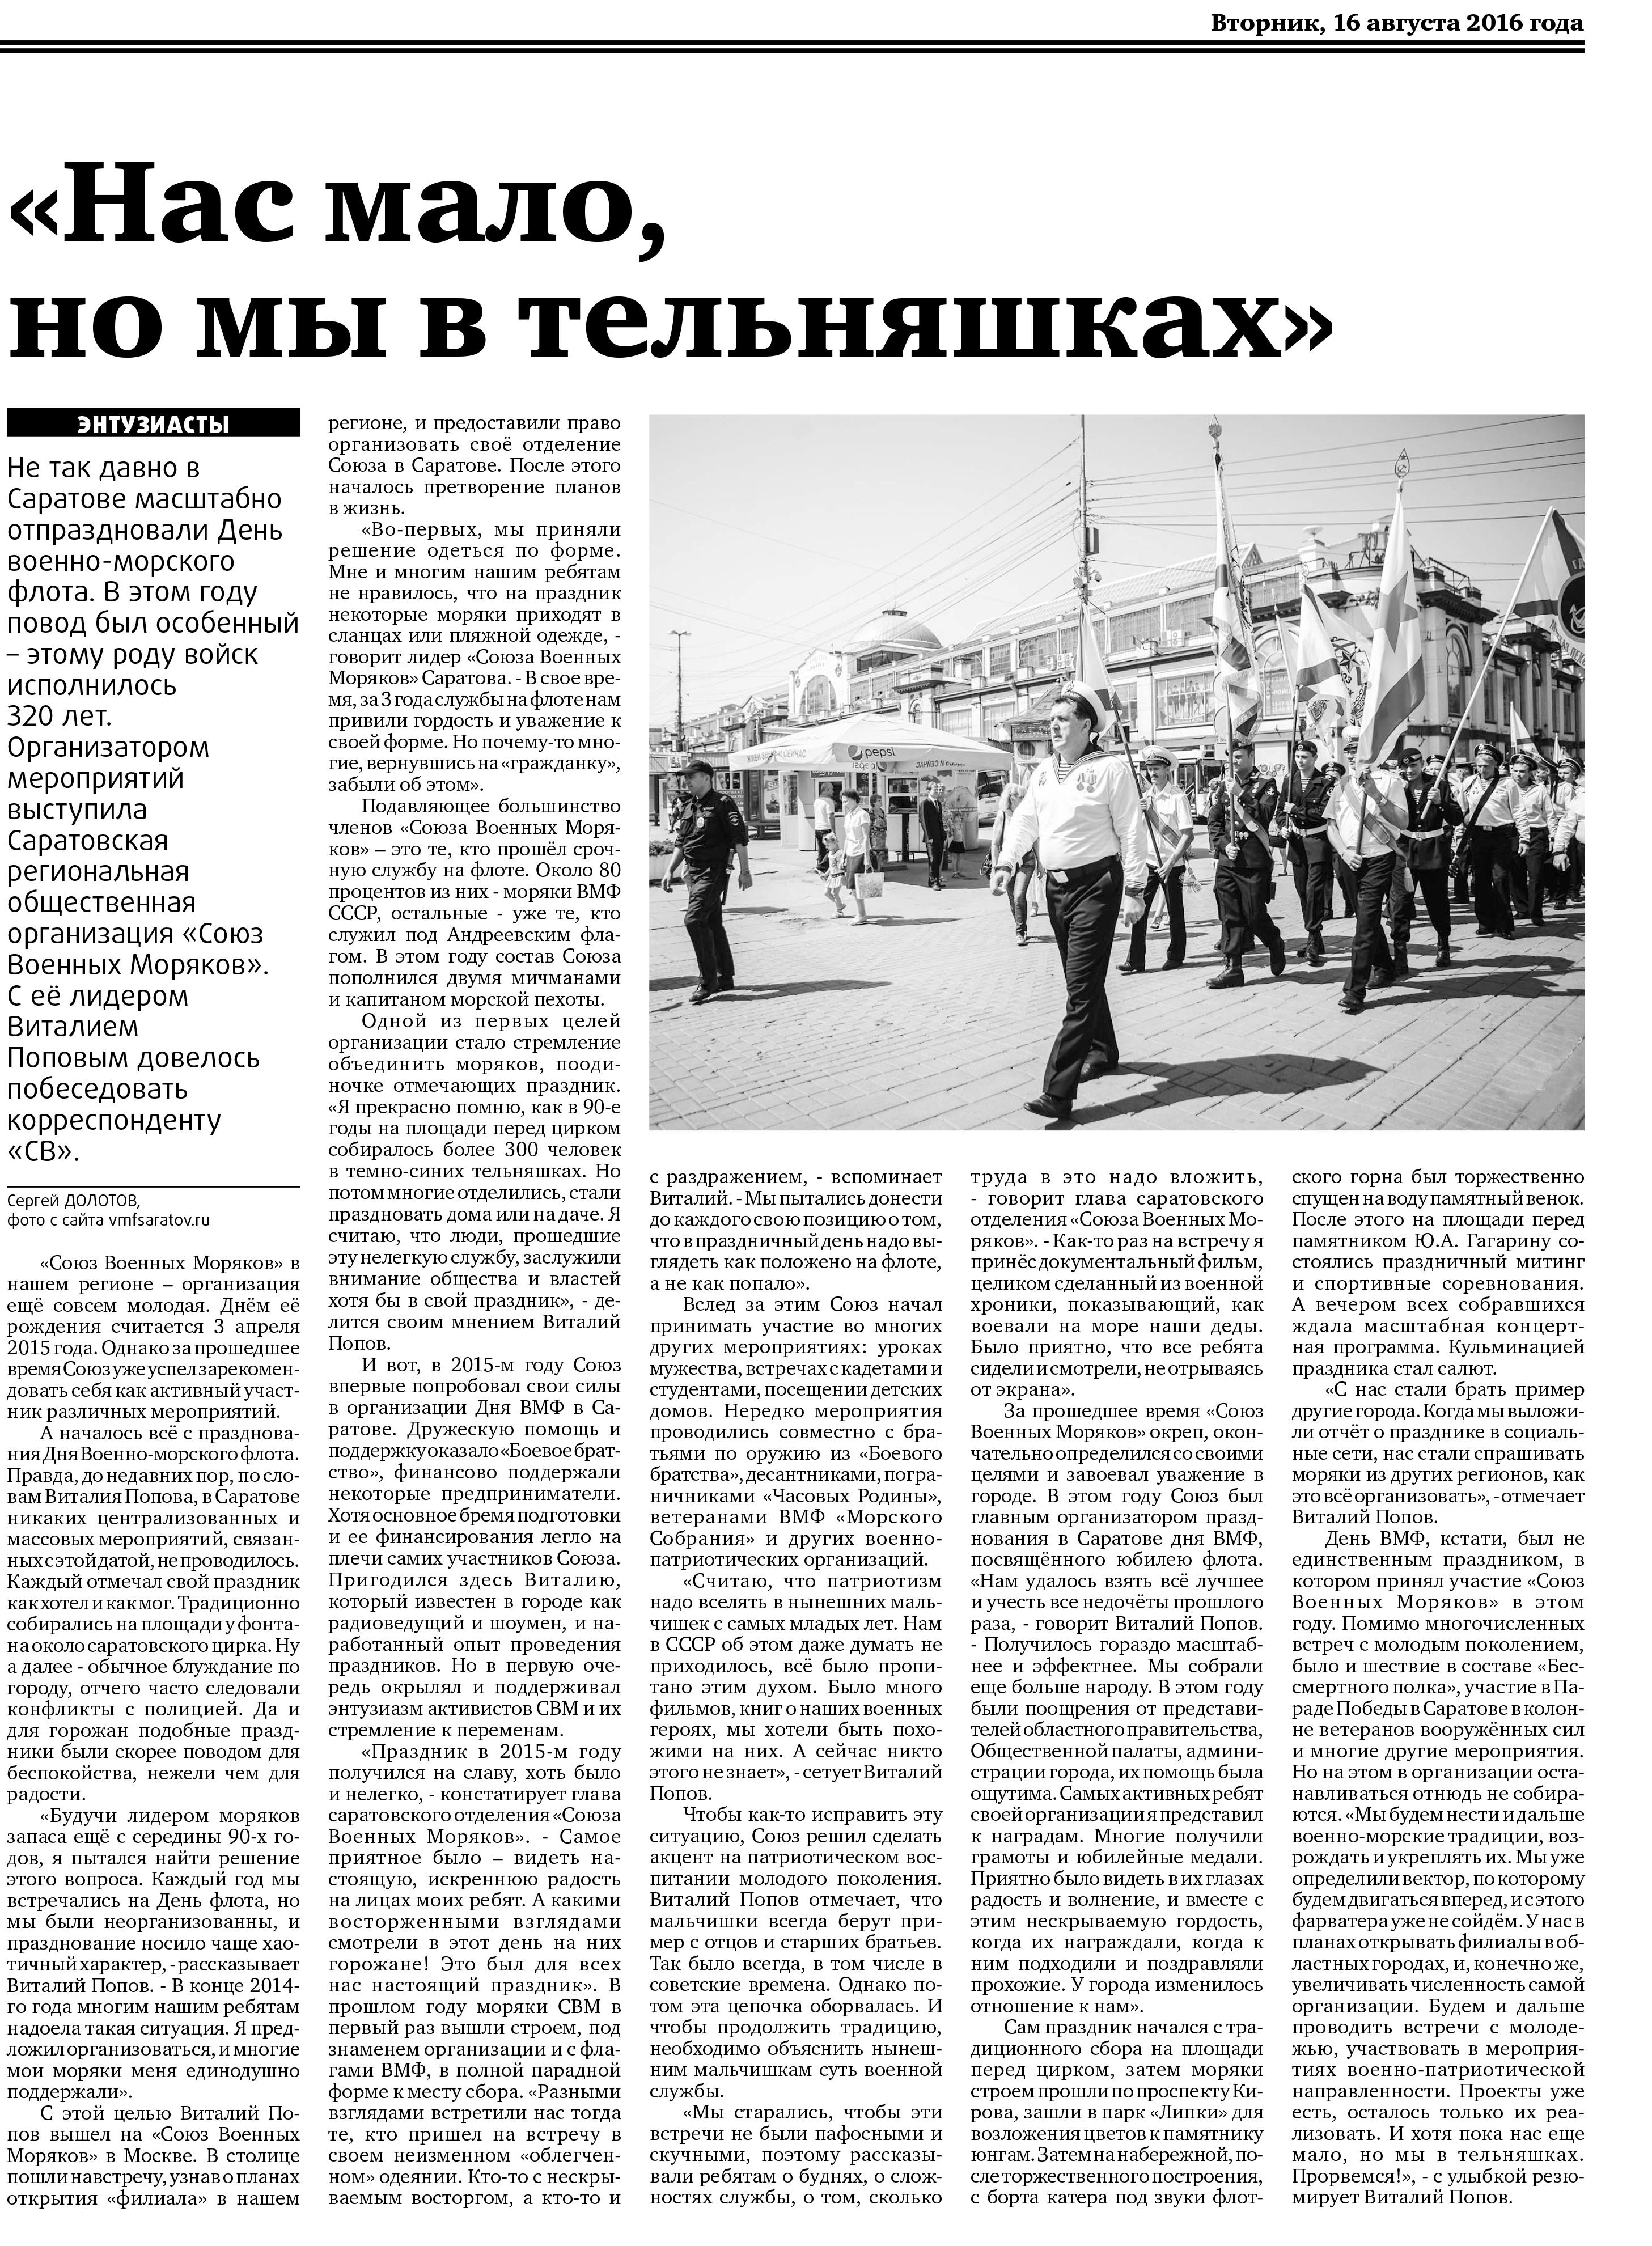 """""""Саратовские Вести"""" от 16.08.16"""